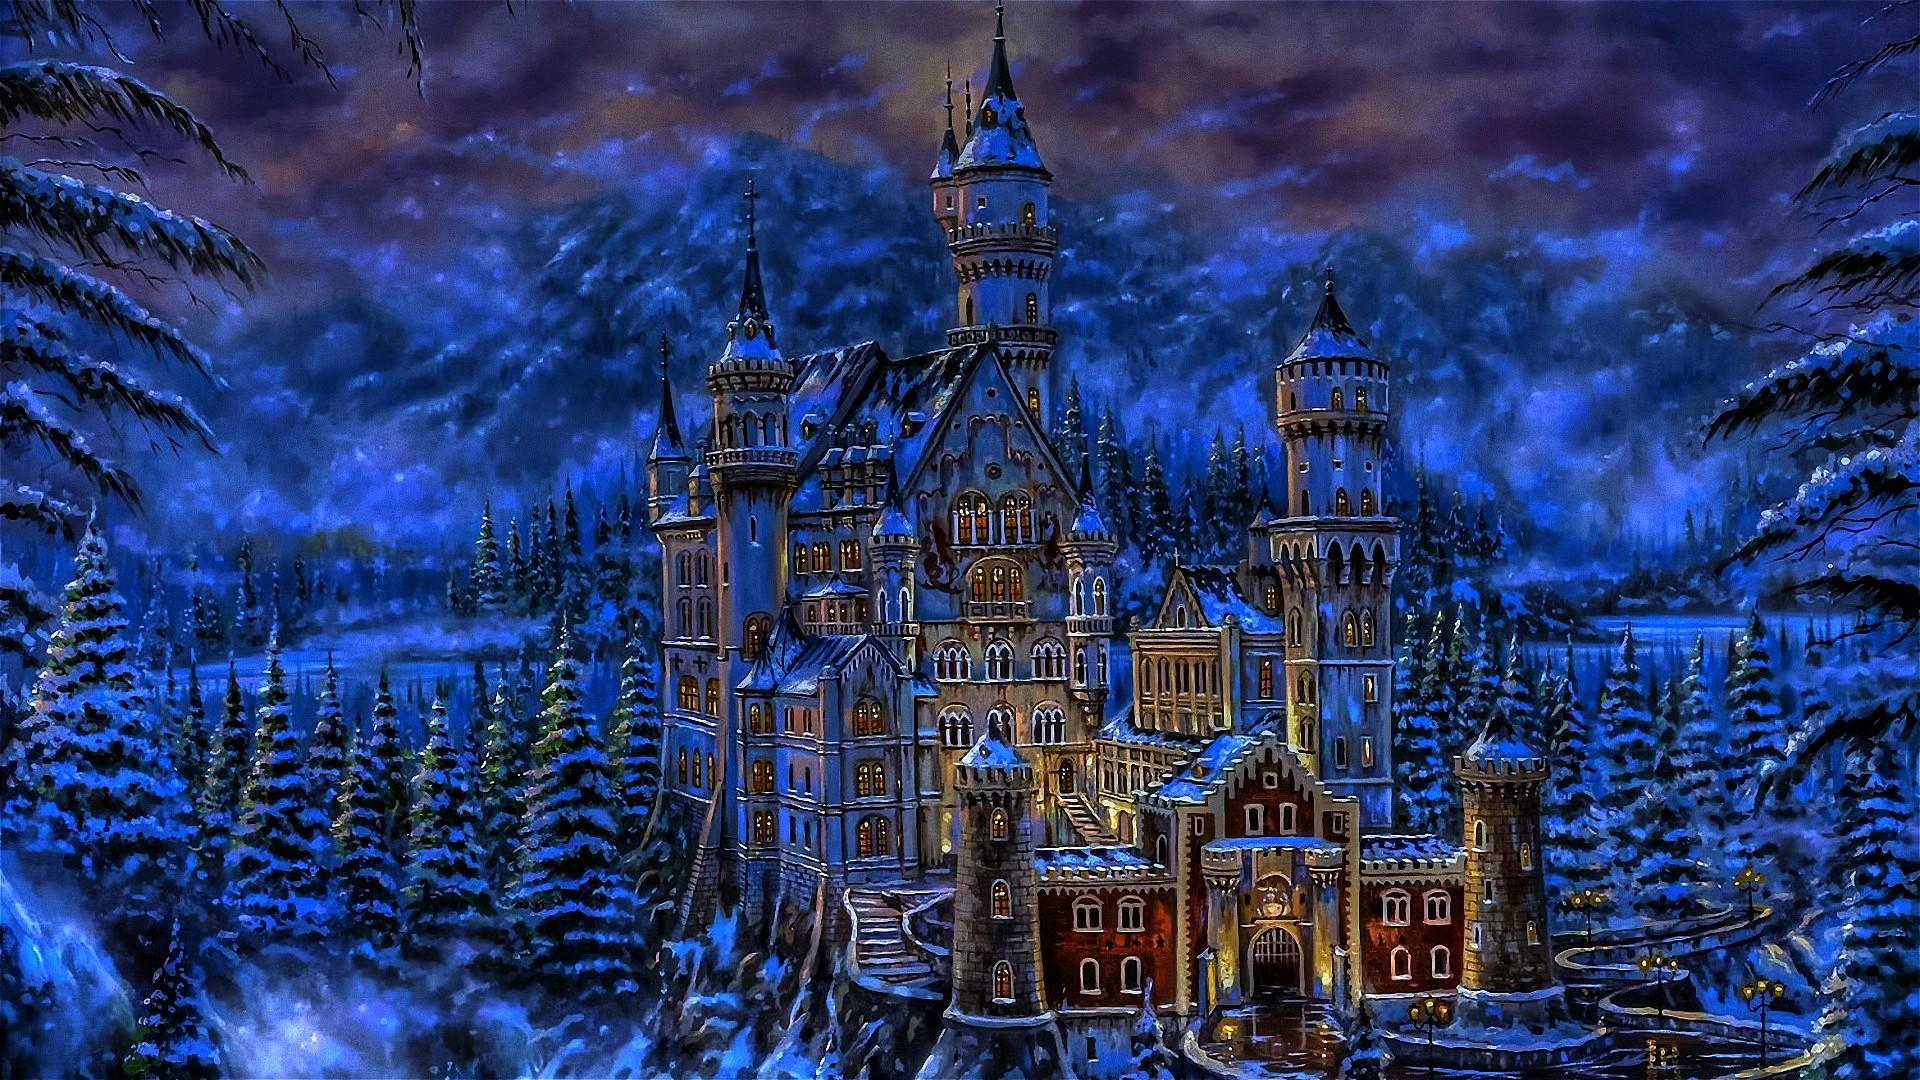 Fantasy Castles wallpaper   633139 1920x1080